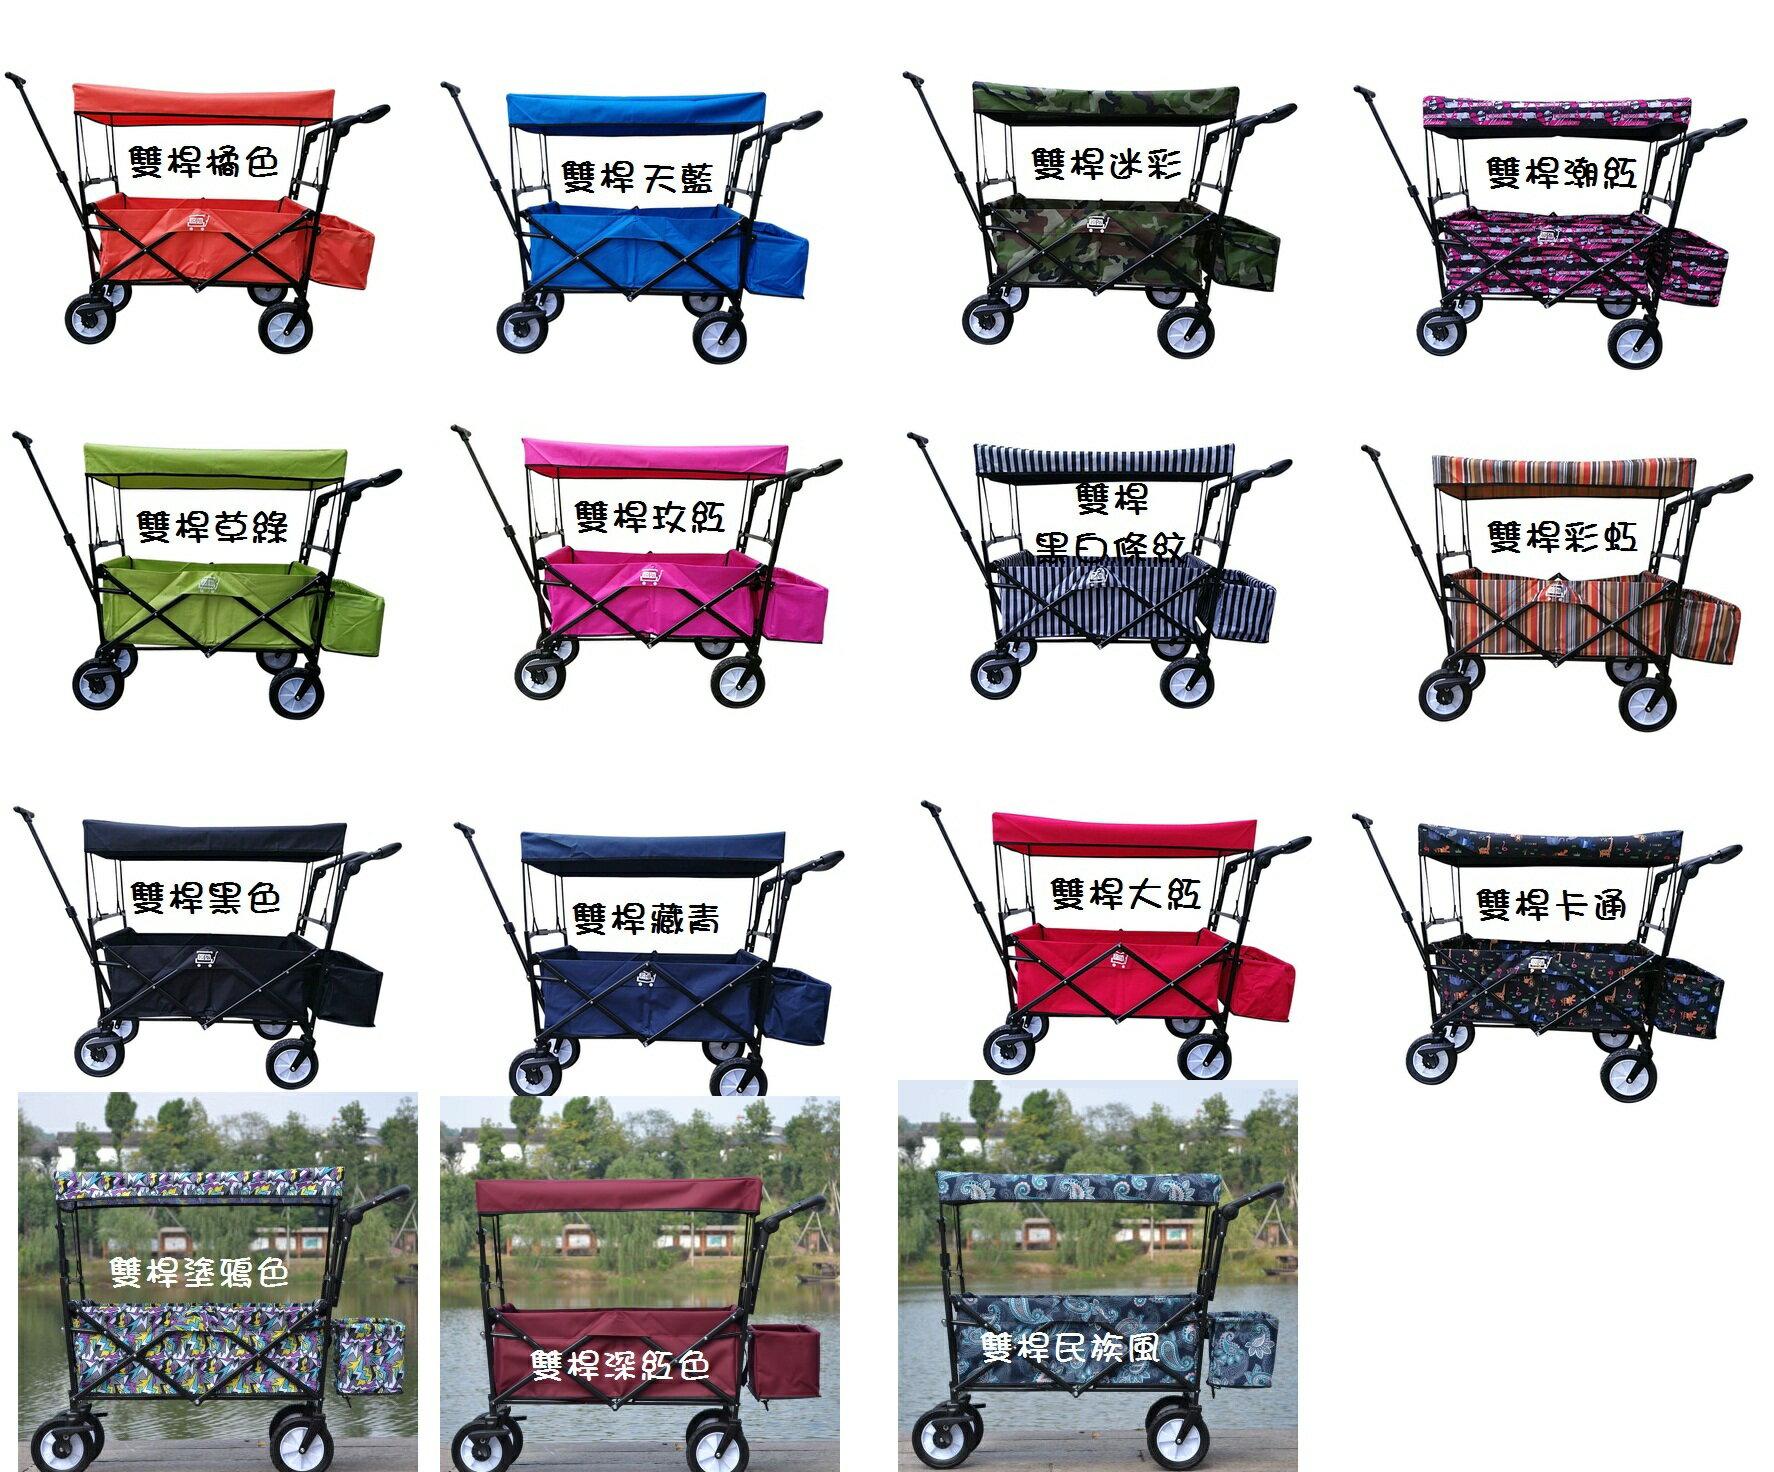 豪華版雙桿款雙煞車-好推好拉帶頂棚手推車/娃娃車/嬰兒手拉車/兒童露營折疊拖拉行李車/寵物推車-預購15色